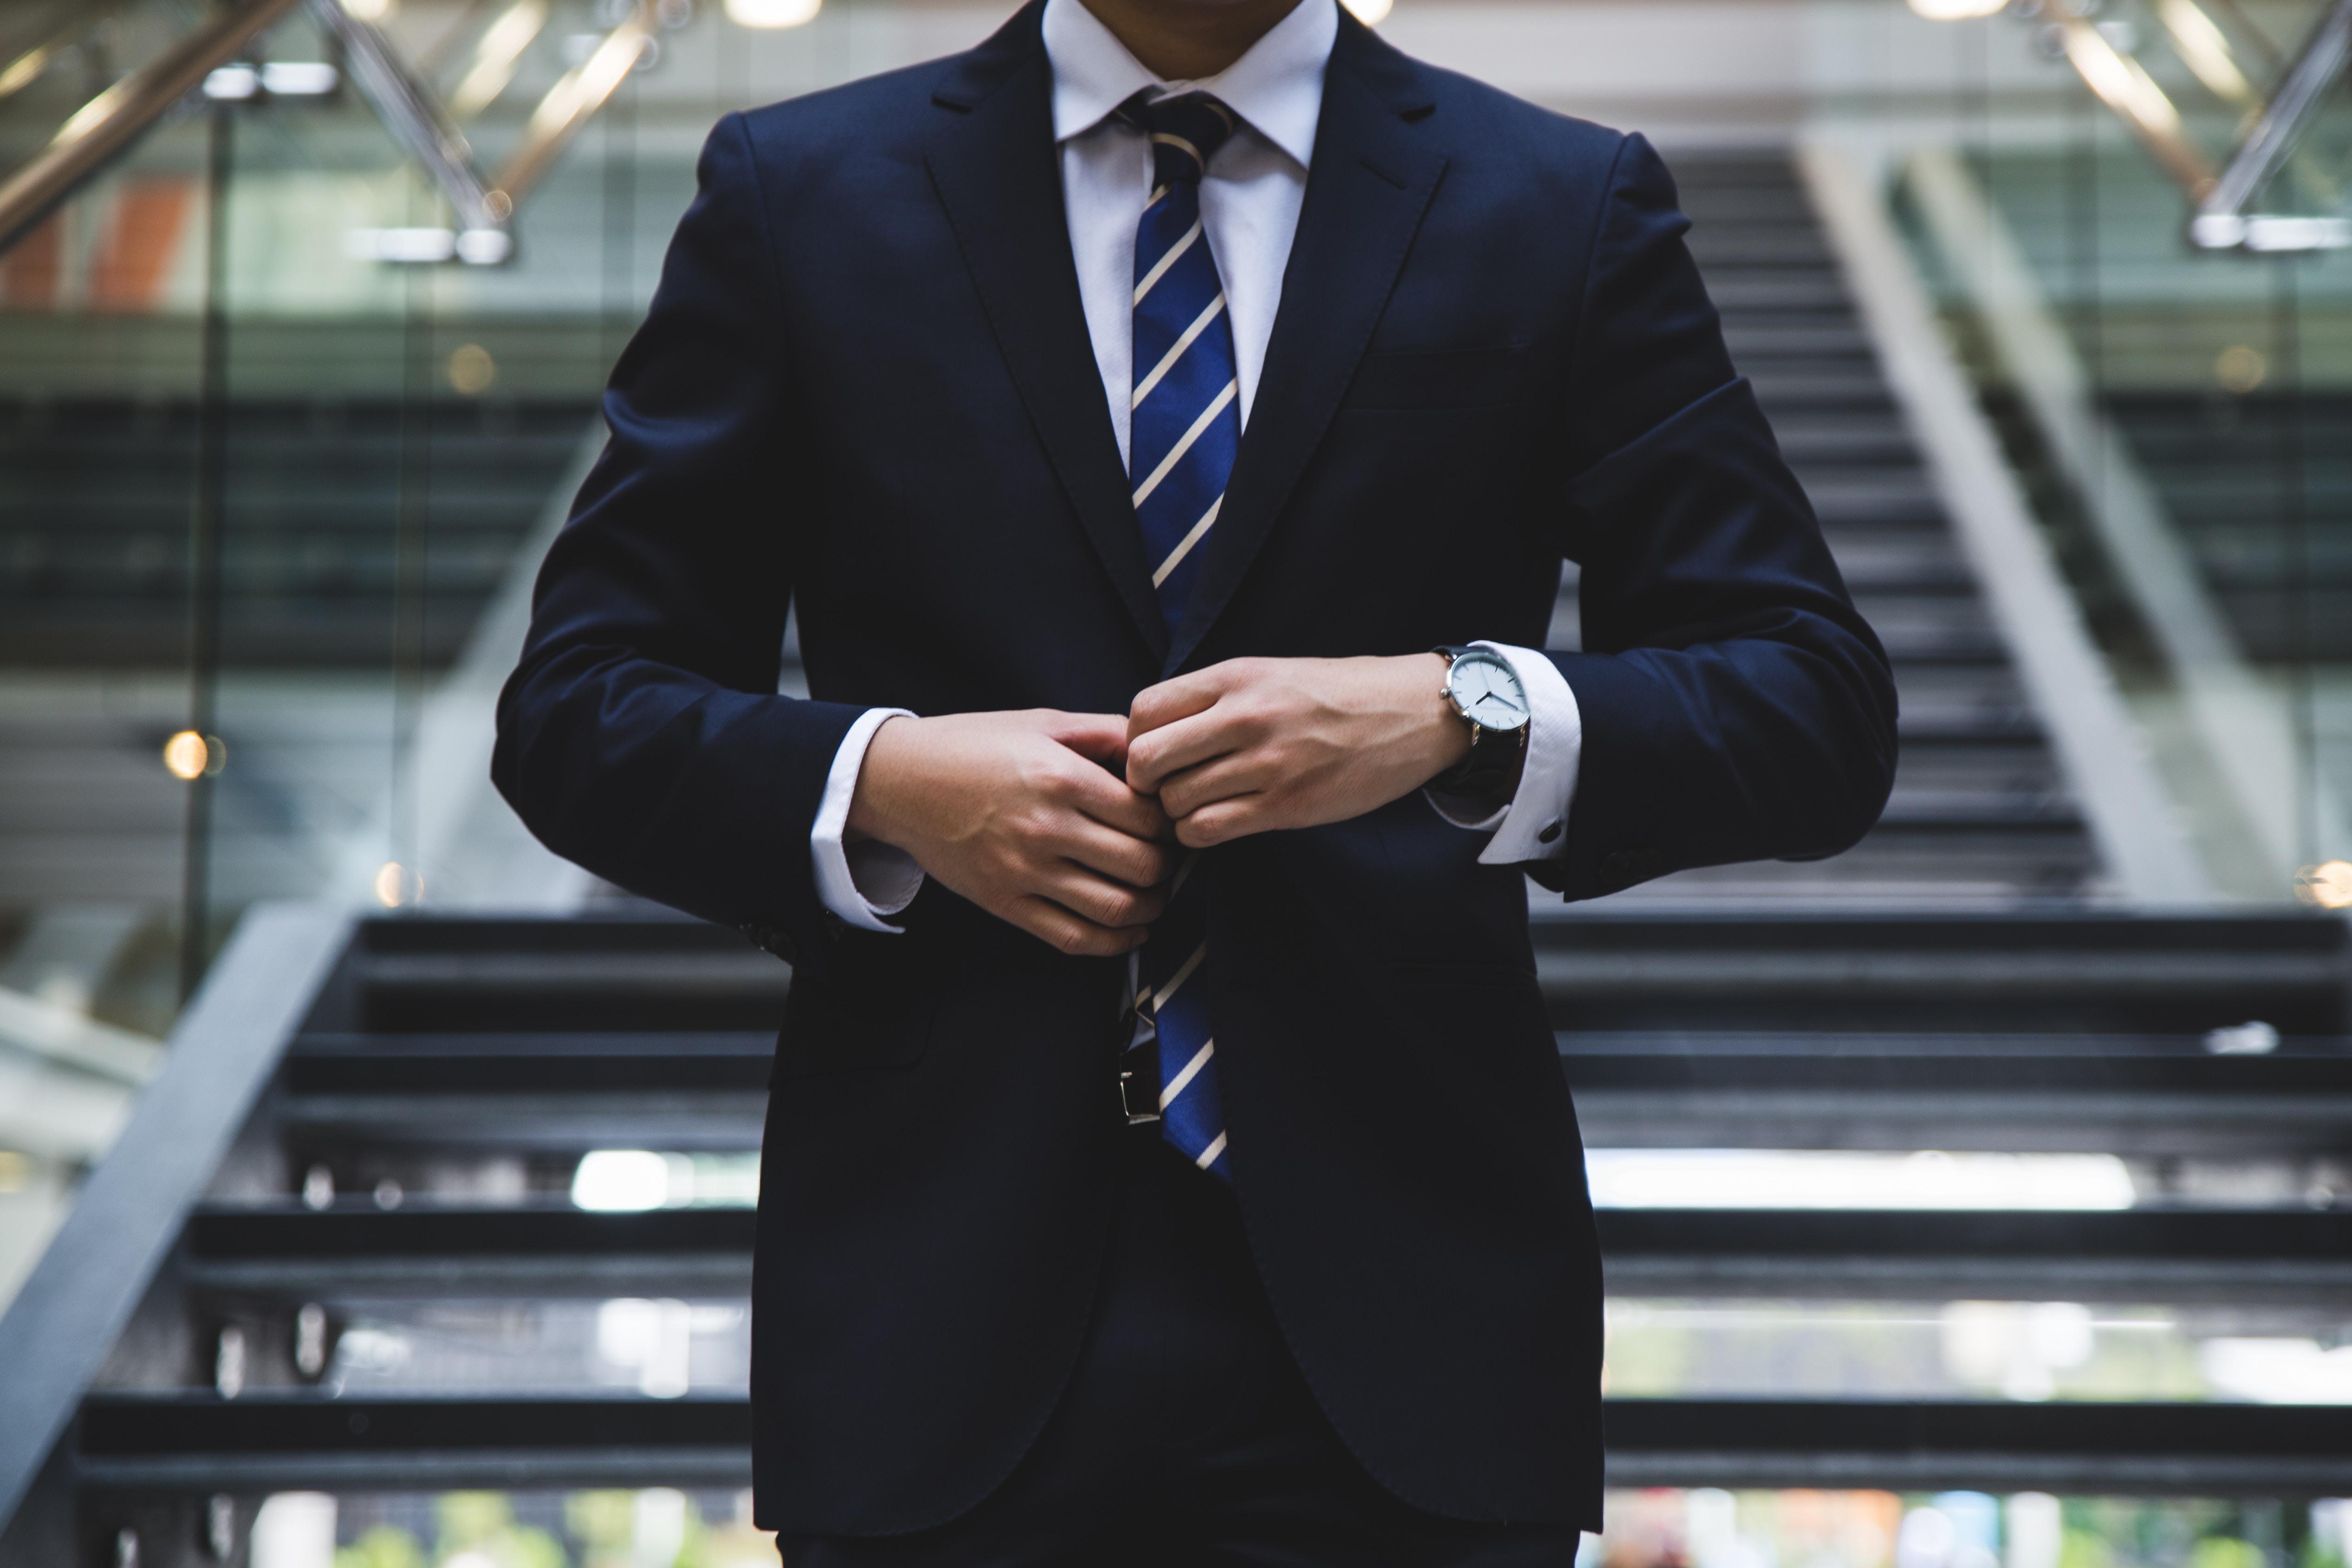 ビジネスマンのイメージ画像